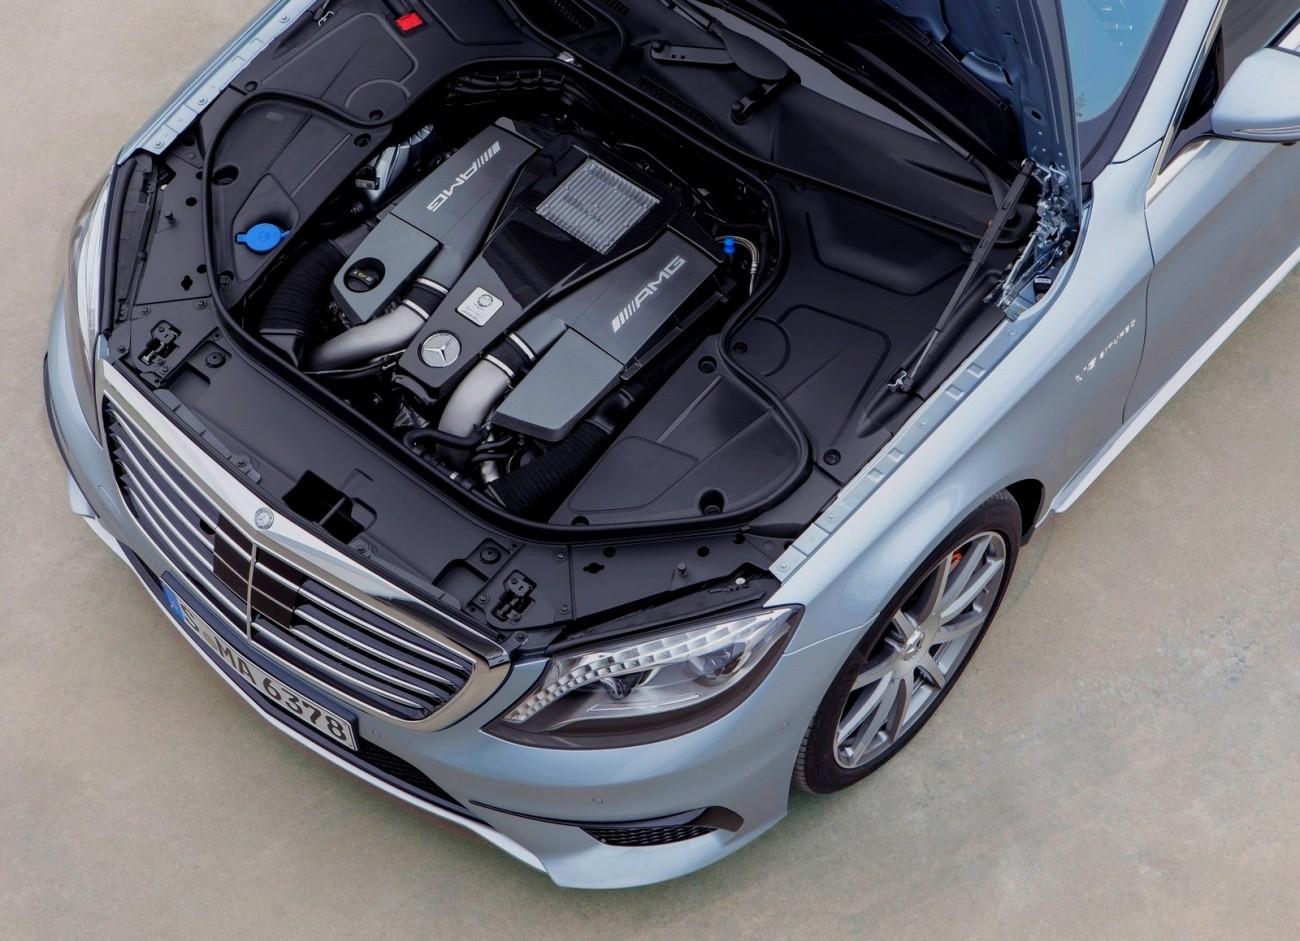 Mercedes-Benz S63 AMG 2014 moteur V8 5